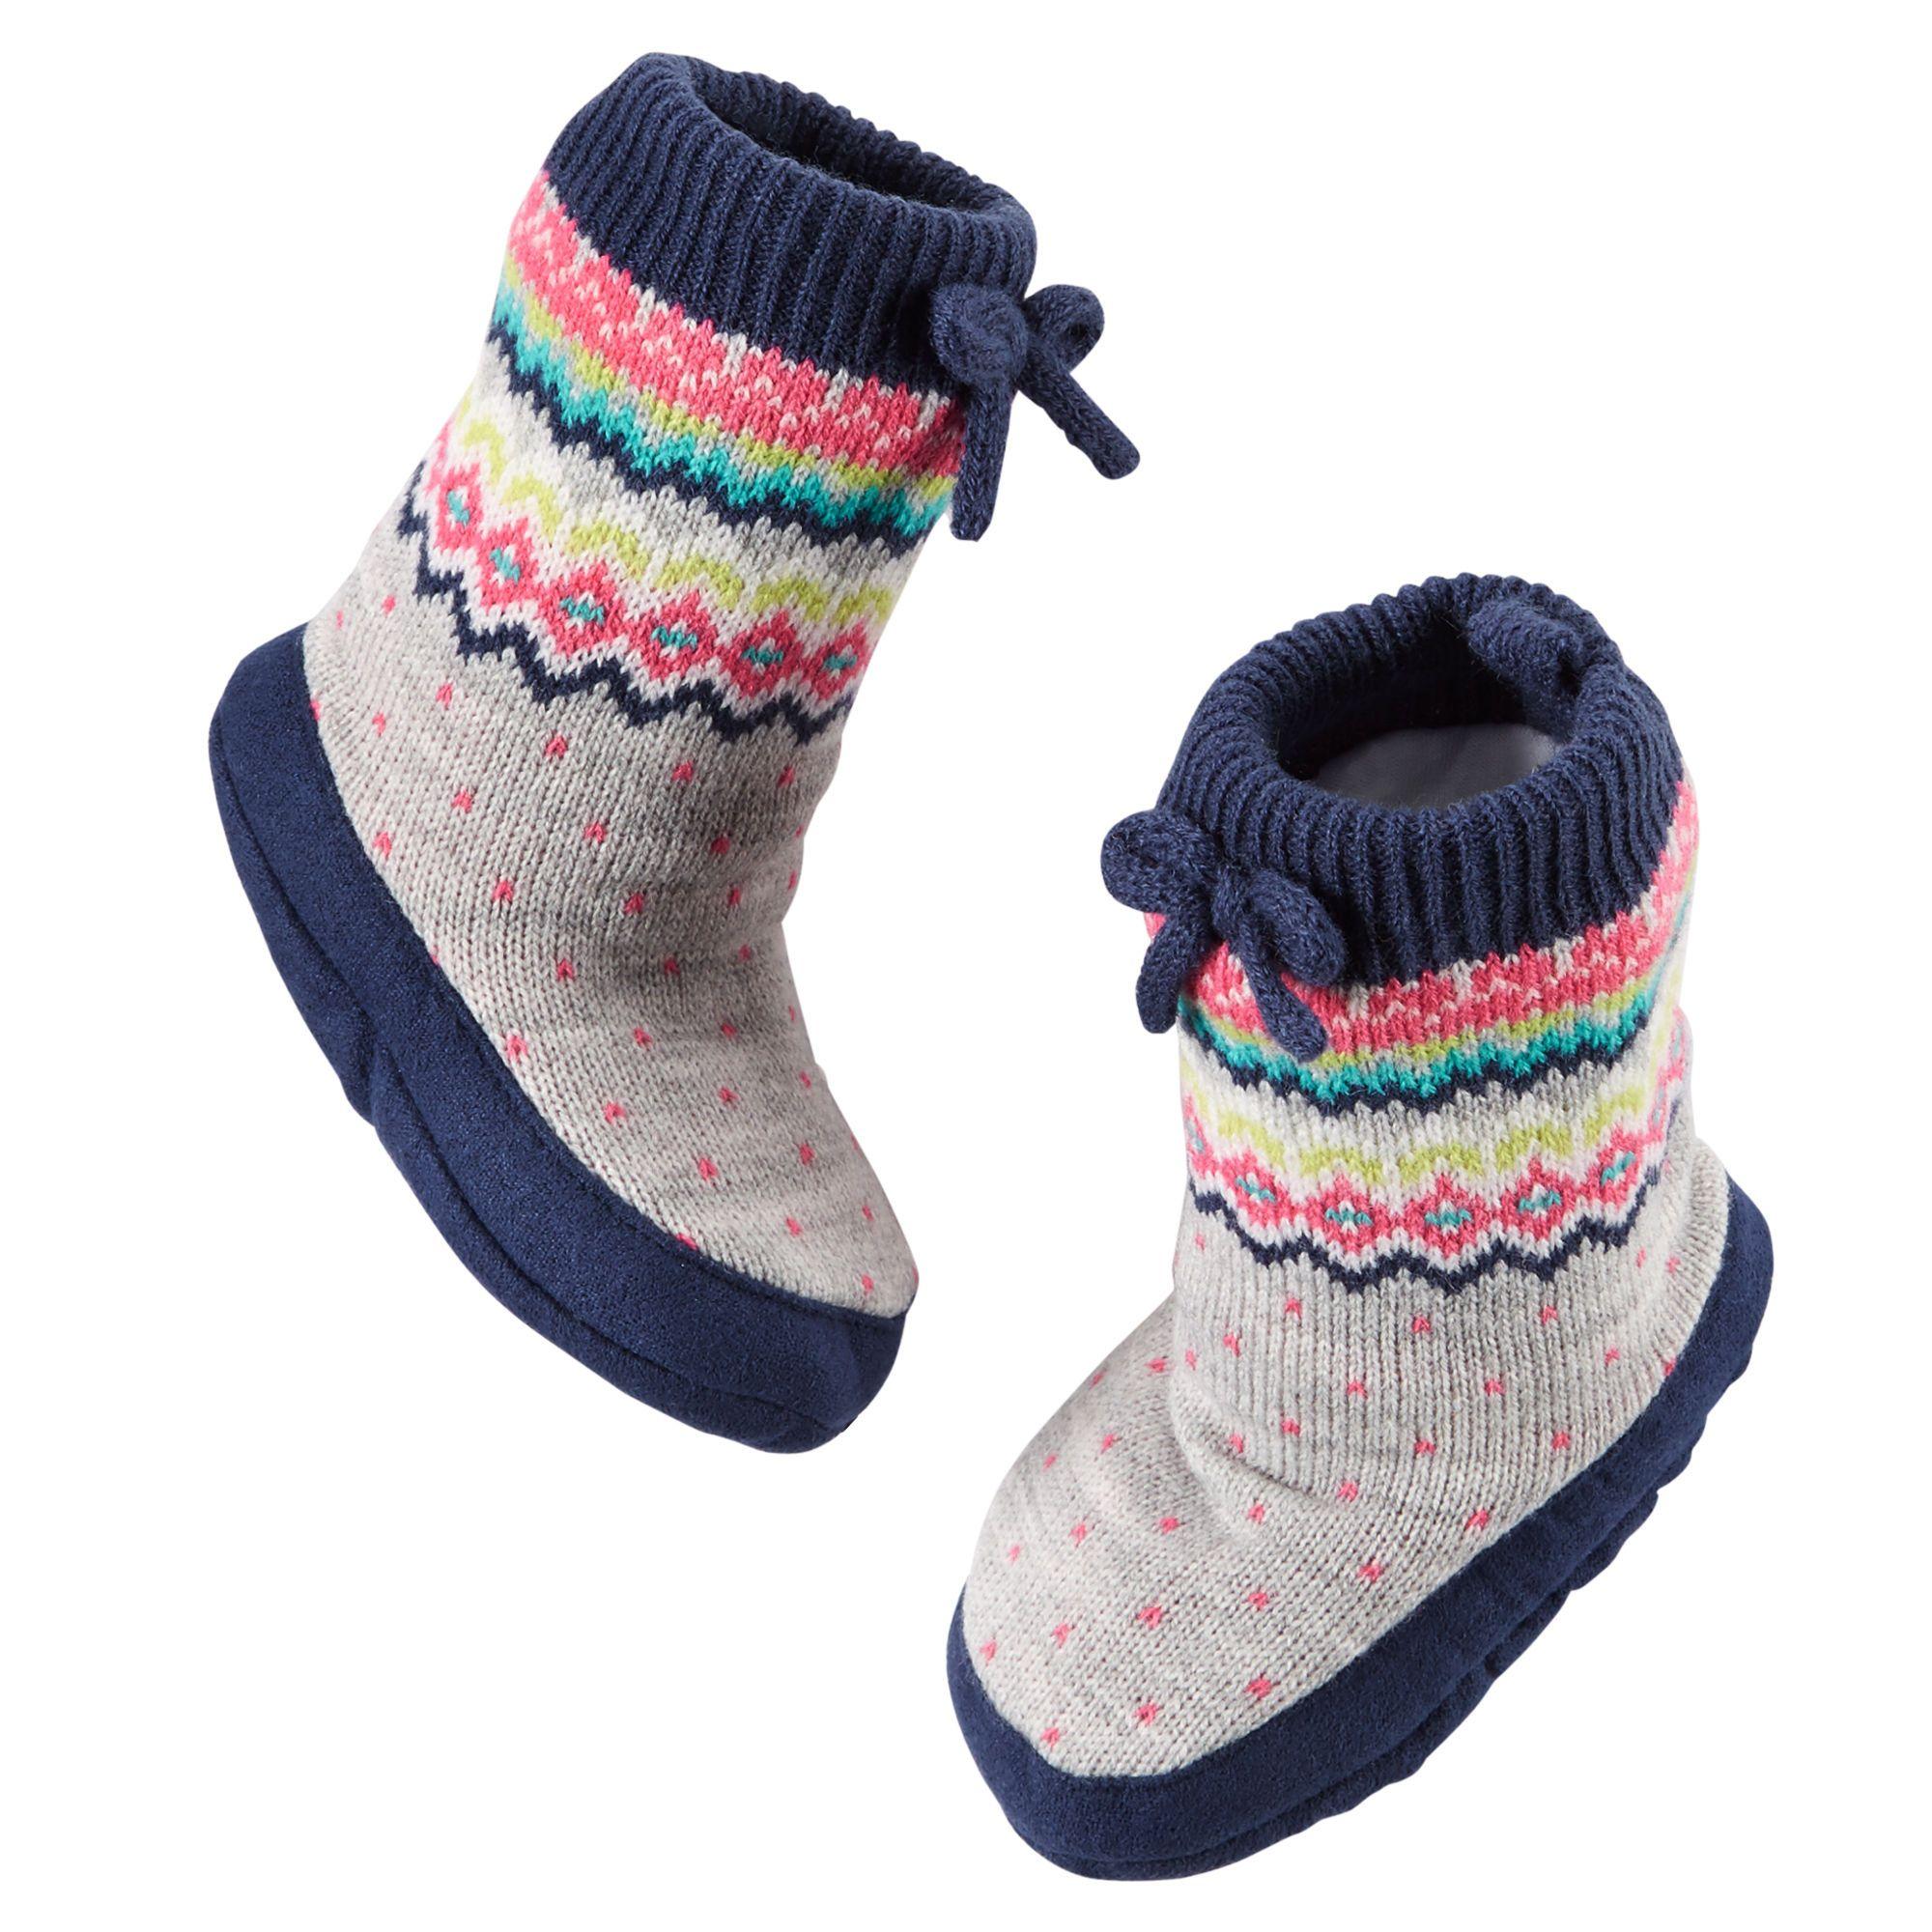 Carter's Baby Slipper Socks   Baby girl